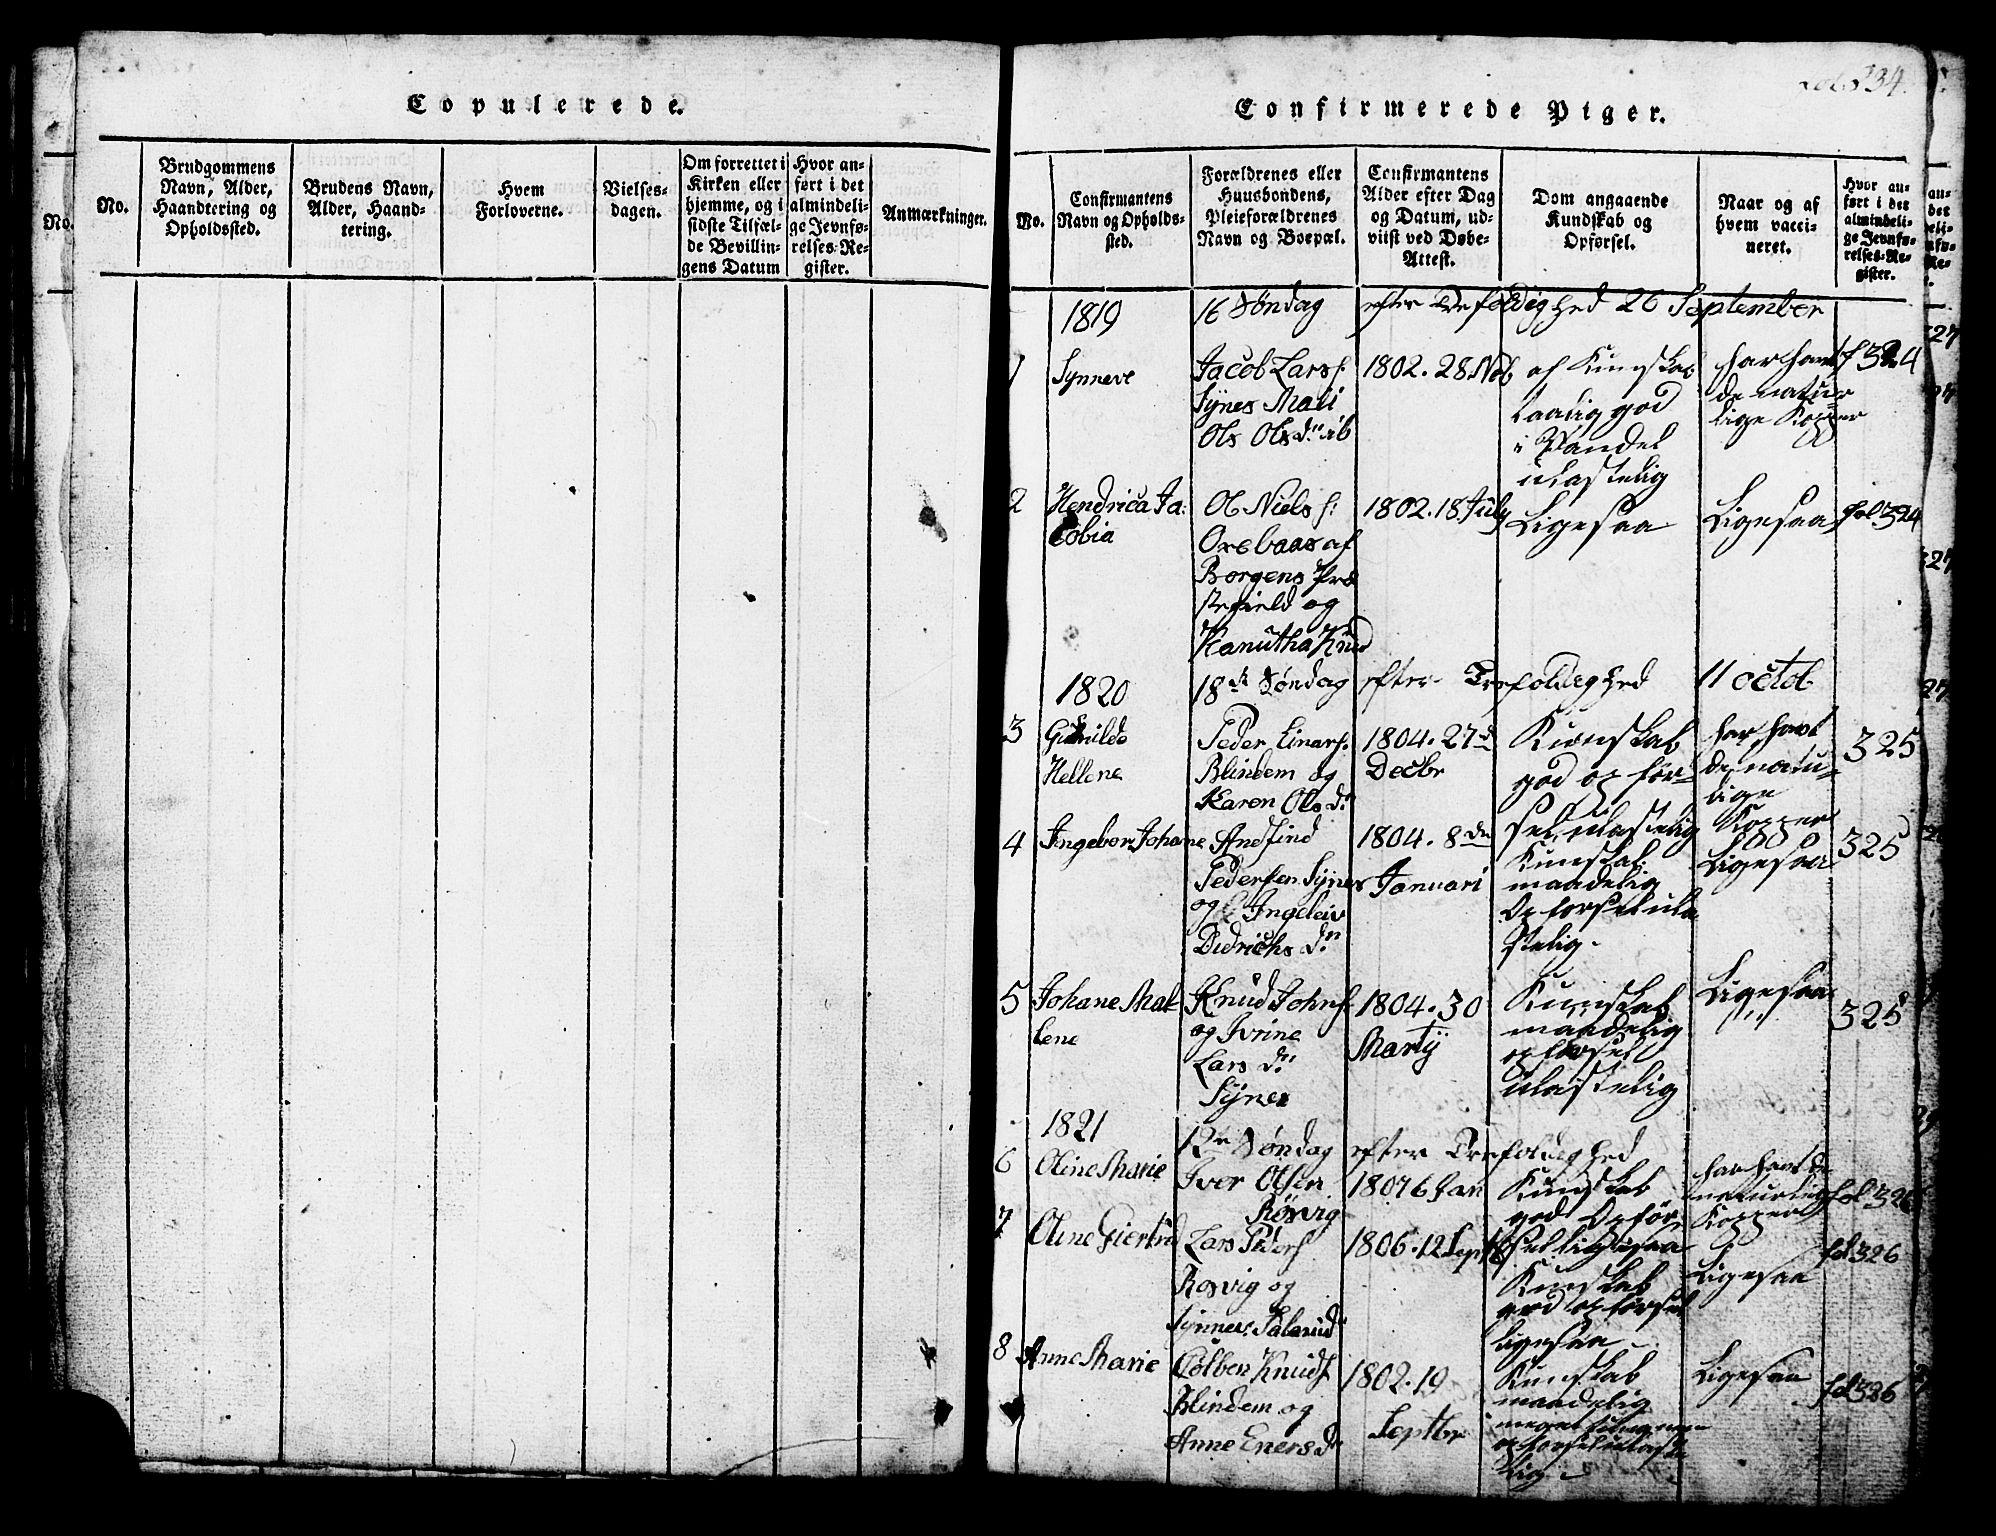 SAT, Ministerialprotokoller, klokkerbøker og fødselsregistre - Møre og Romsdal, 537/L0520: Klokkerbok nr. 537C01, 1819-1868, s. 234